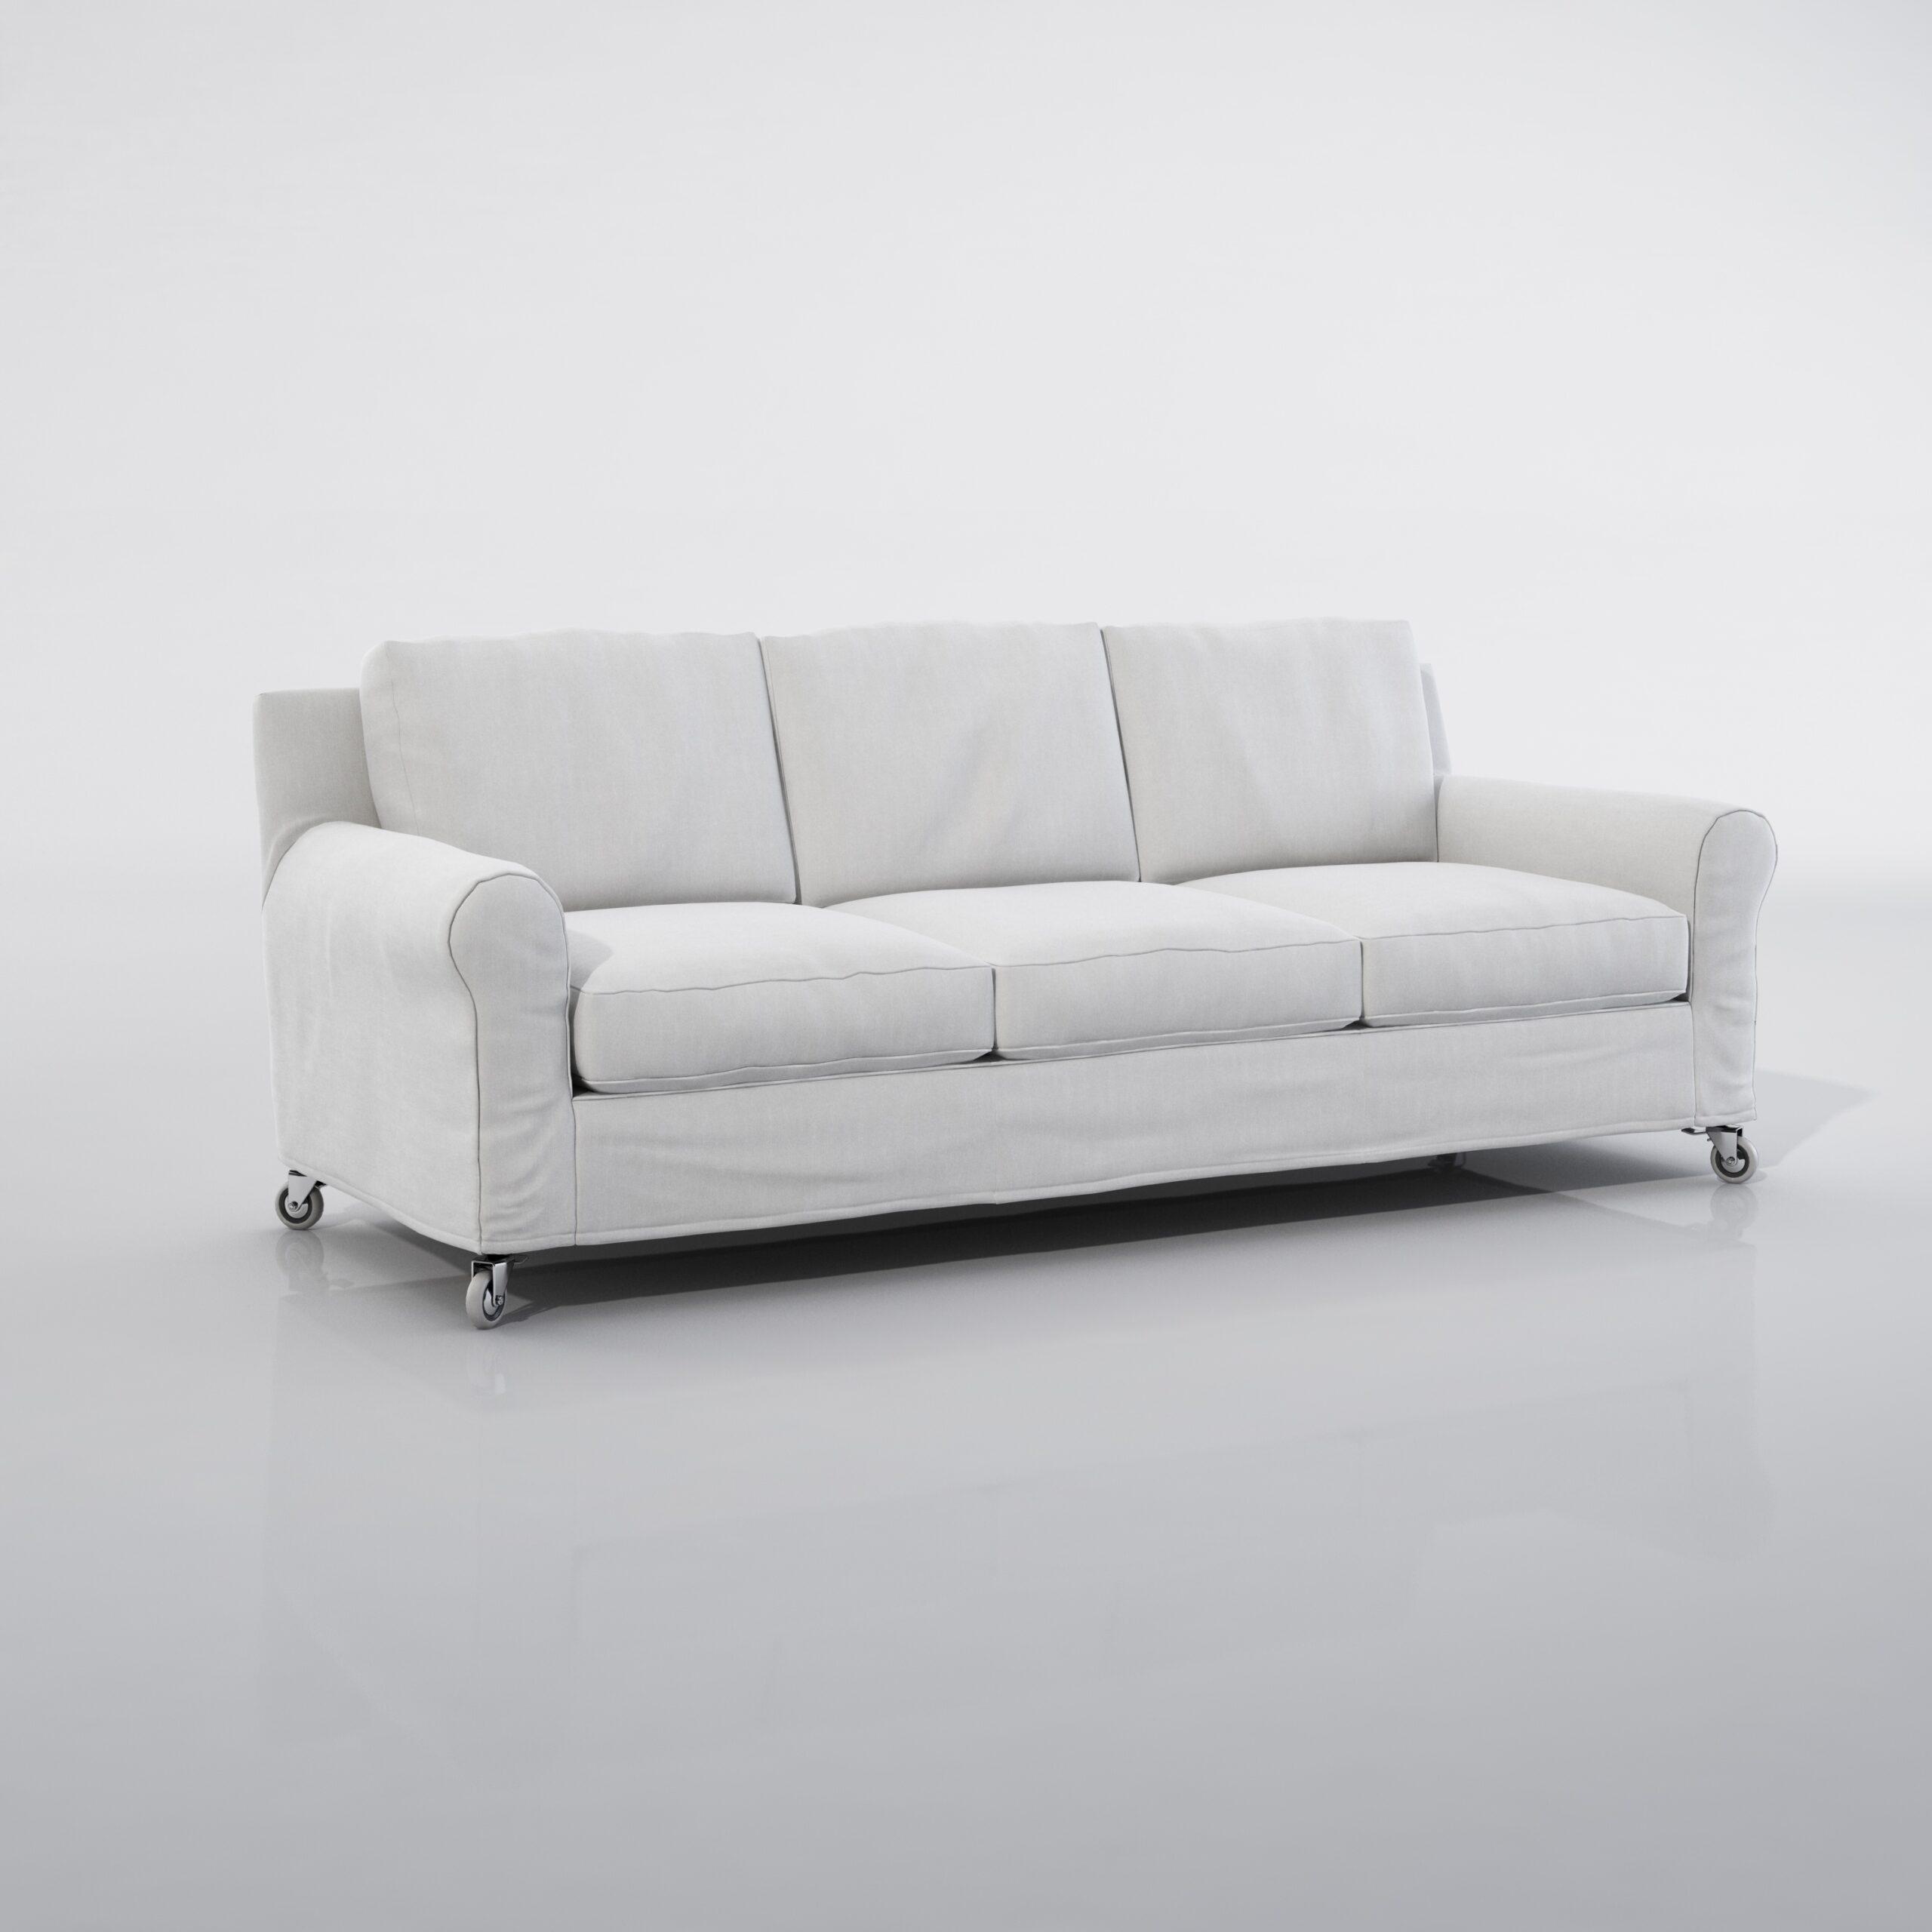 Full Size of Flexform Sofa Groundpiece Twins Bed Adda Ebay Kleinanzeigen Sleeper Sale Furniture Uk Winny Cestone Eden Lifesteel Auf Einem Rahmen Aus Holz Gepolsterter Leder Sofa Flexform Sofa